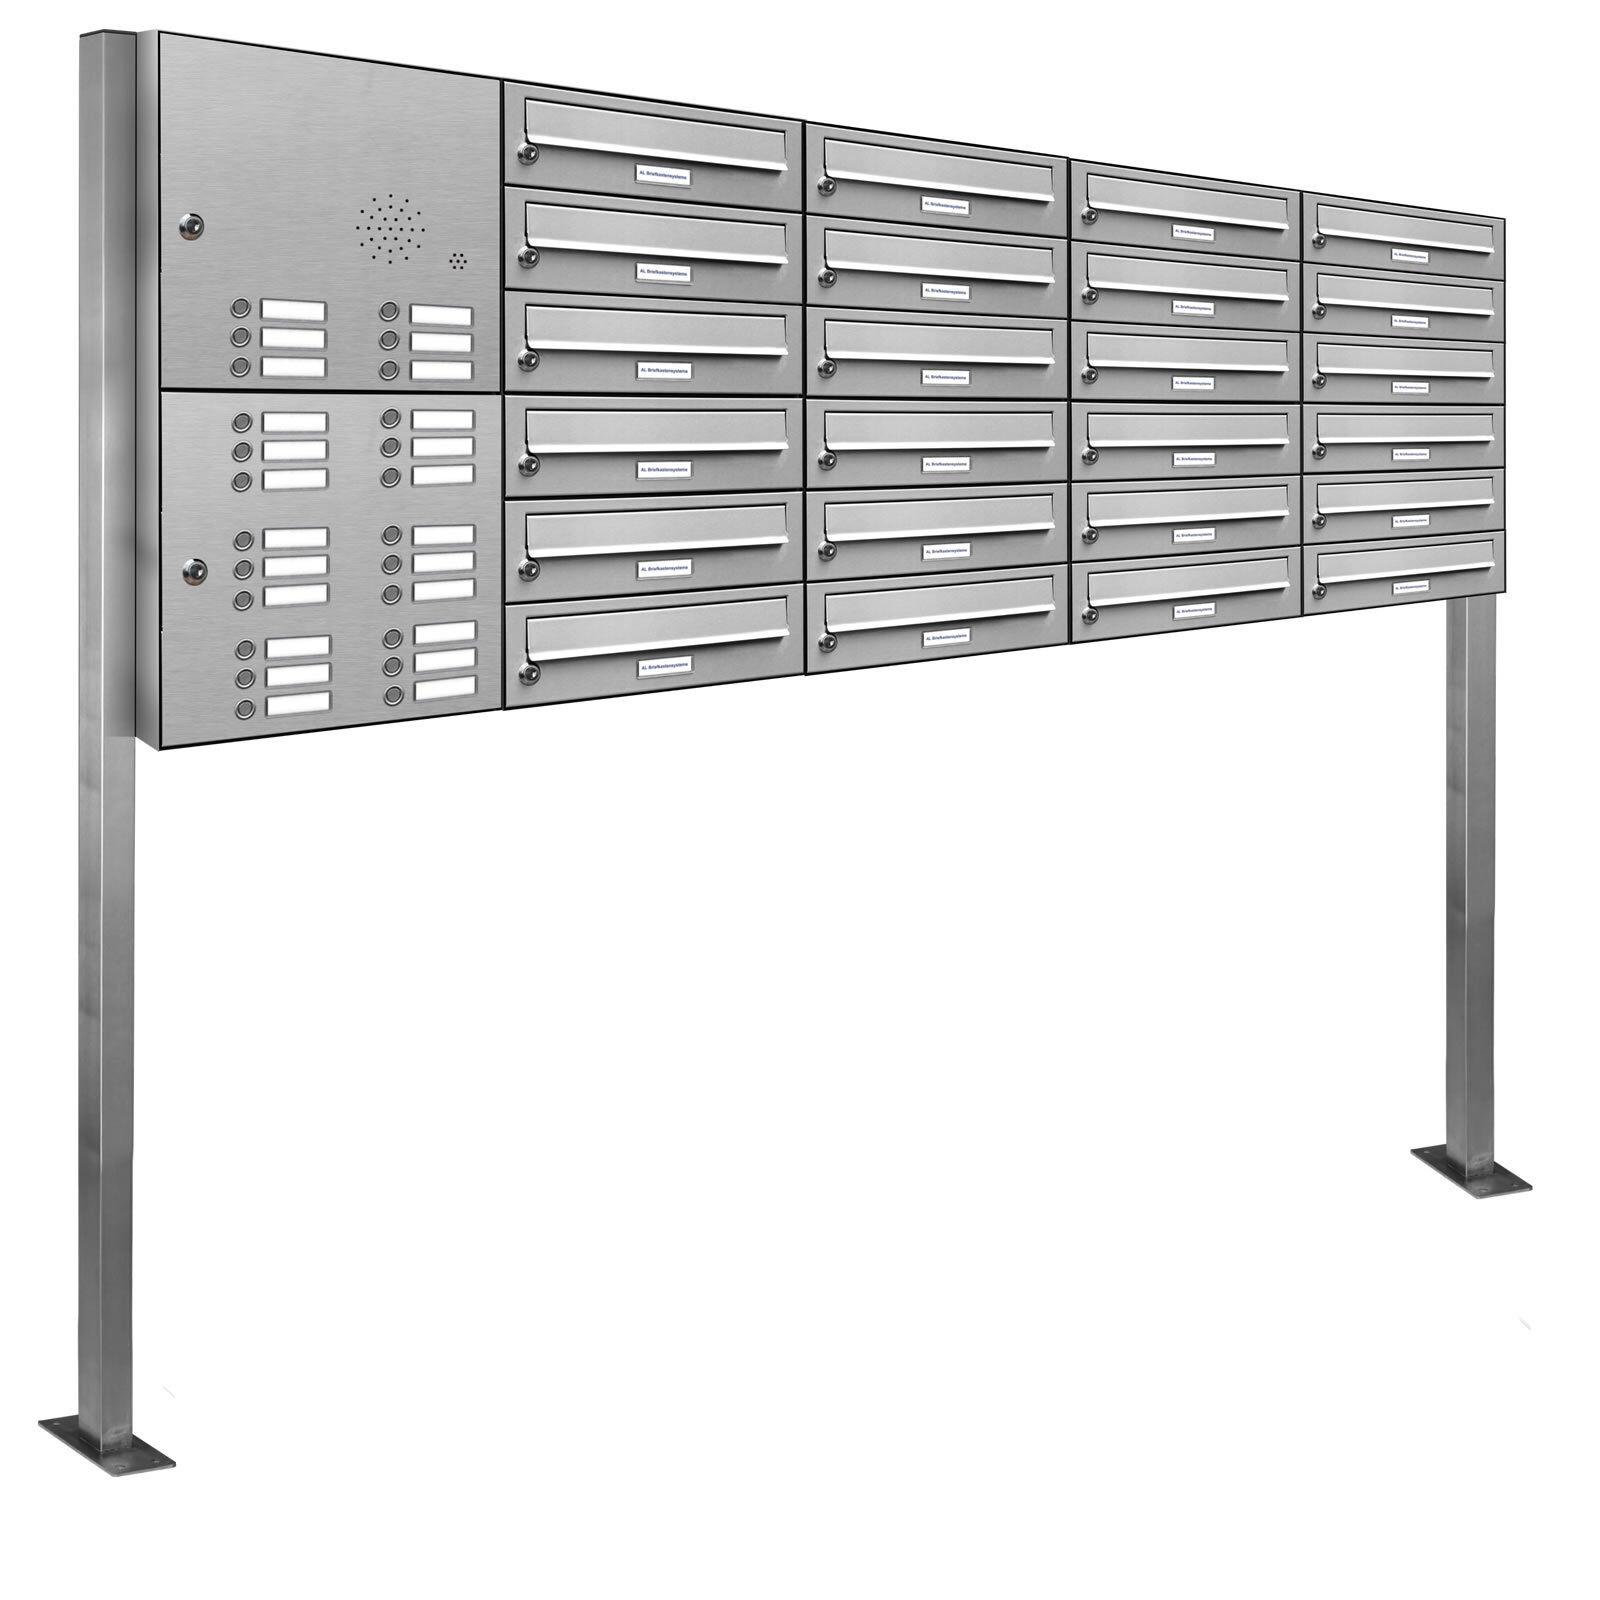 24 er Premium V2A Edelstahl Stand Briefkasten Anlage Klingel Postkasten 5x6